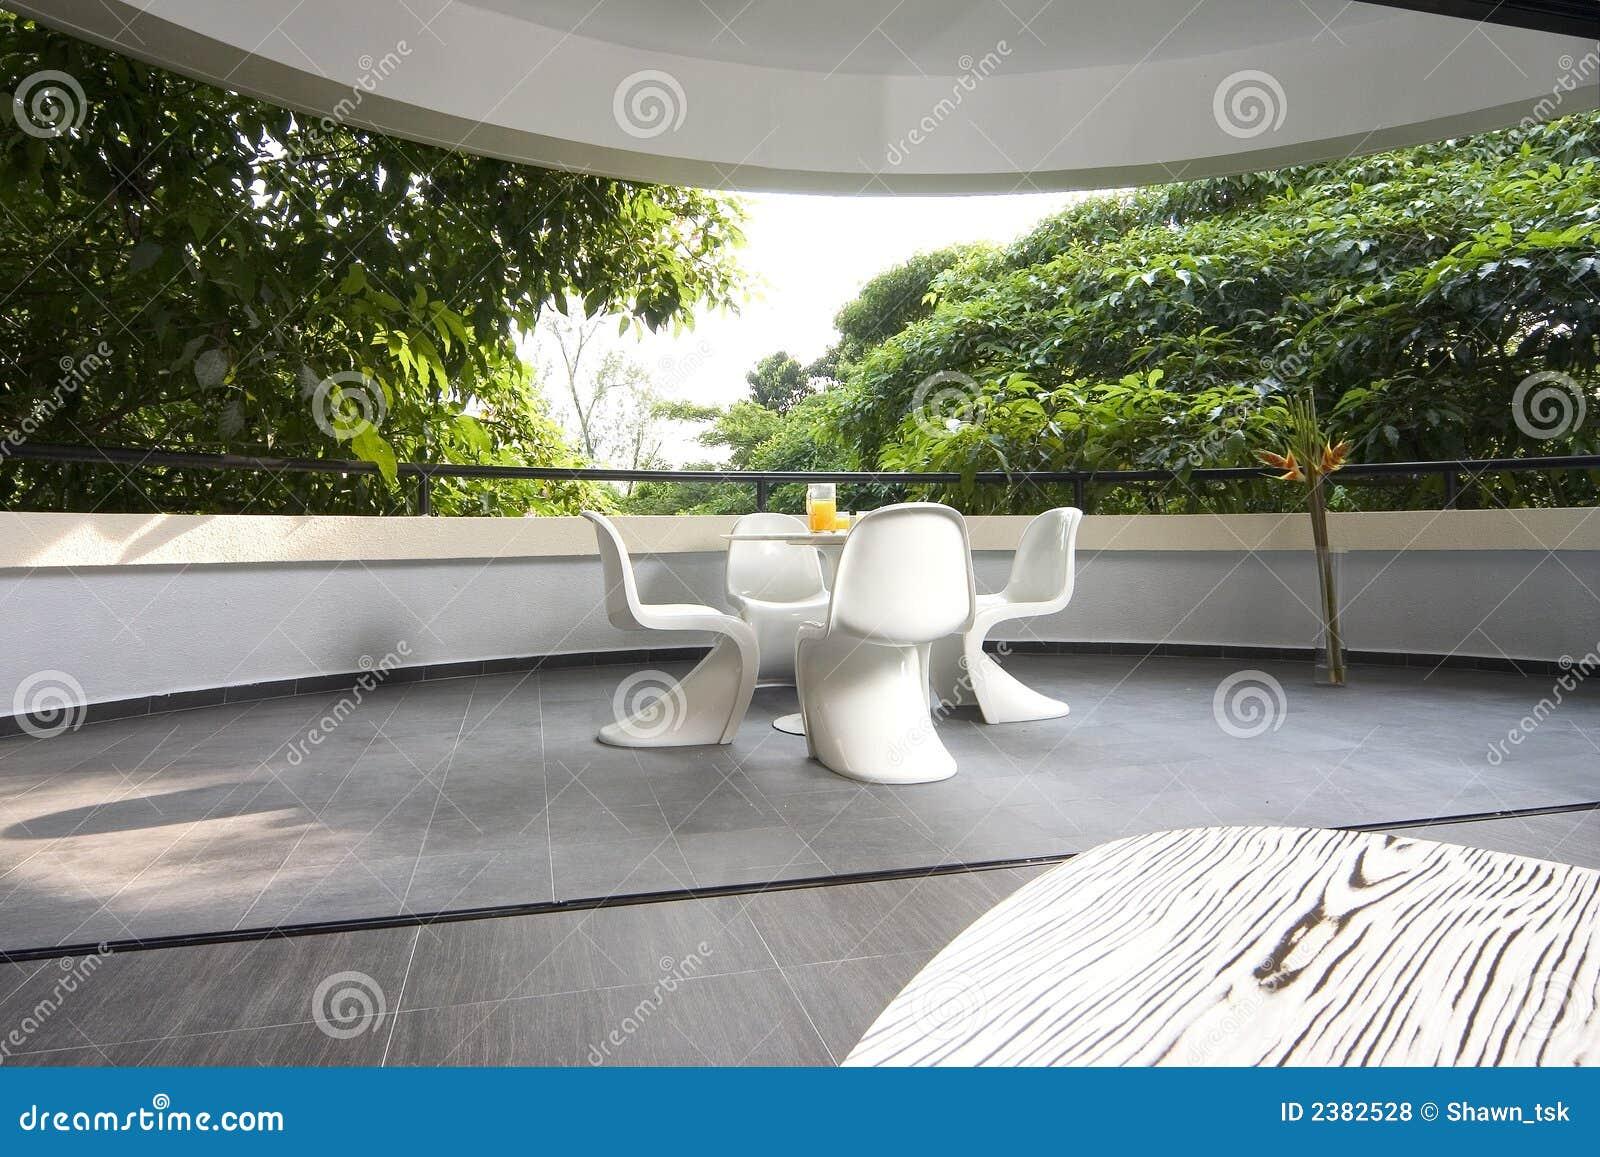 innenarchitektur balkon stockfoto bild von betriebe 2382528. Black Bedroom Furniture Sets. Home Design Ideas